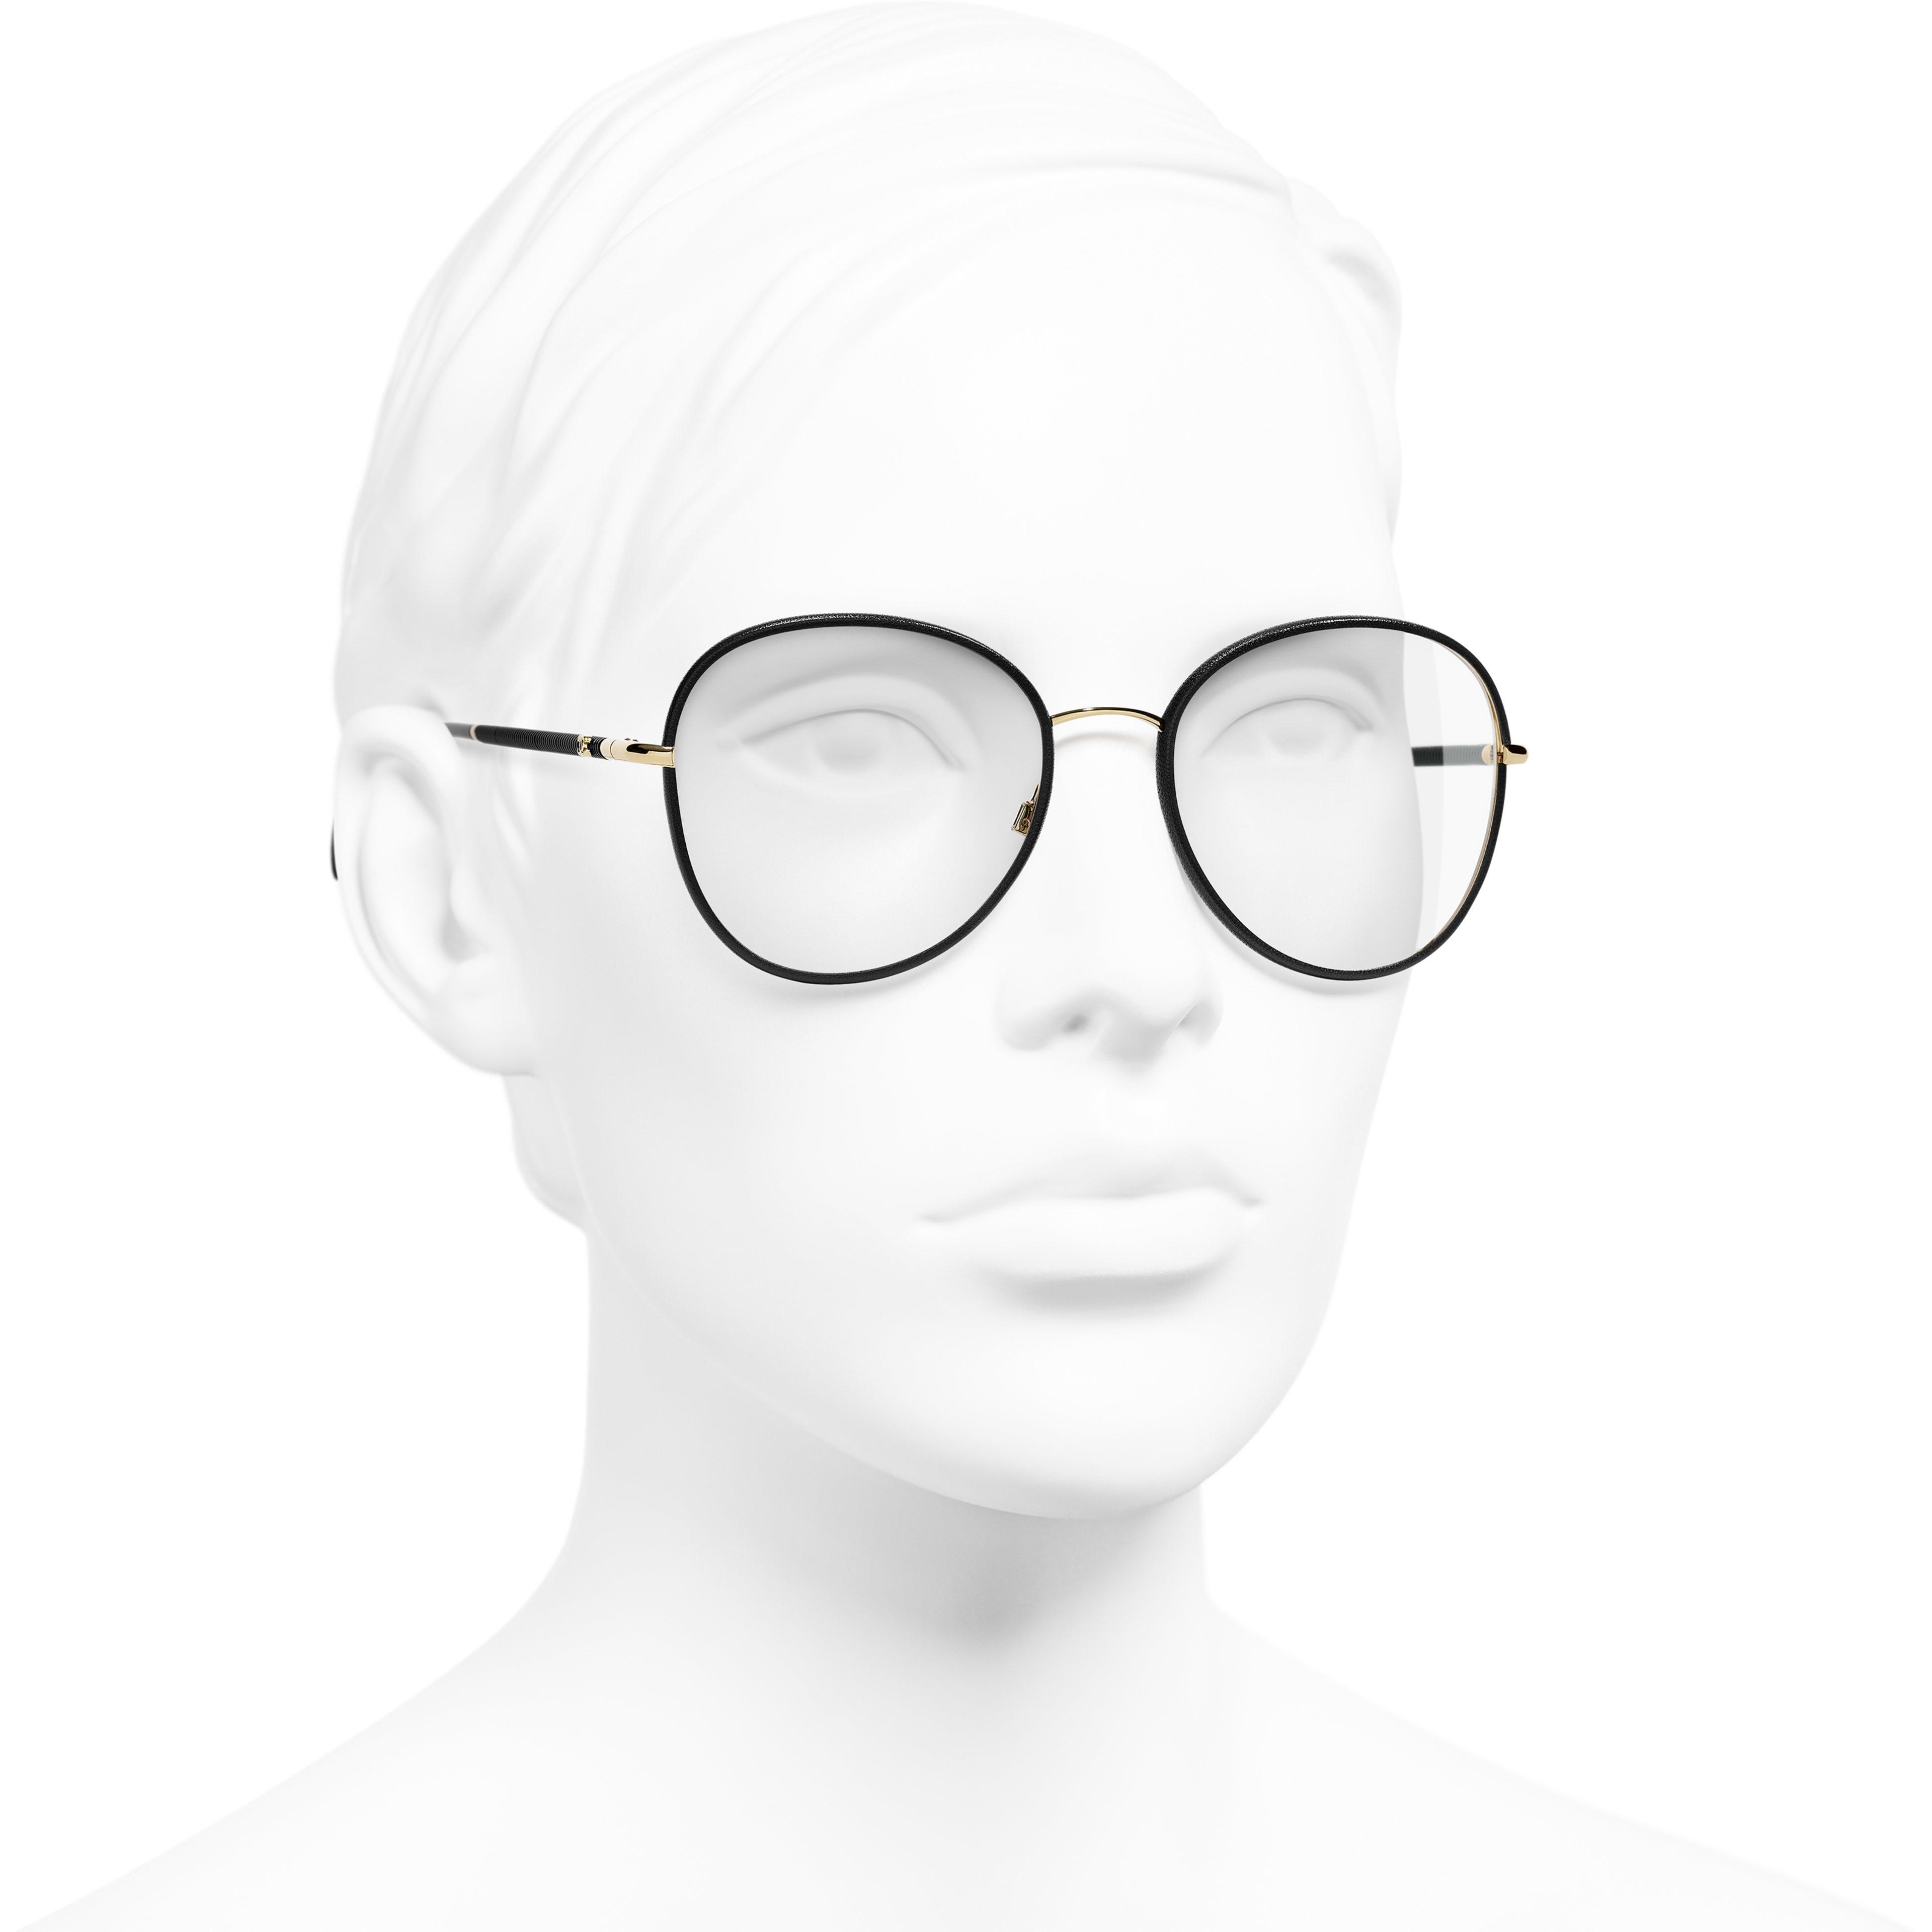 Очки для коррекции зрения - Черный и золотистый - Металл - Вид в три четверти - посмотреть изображение стандартного размера